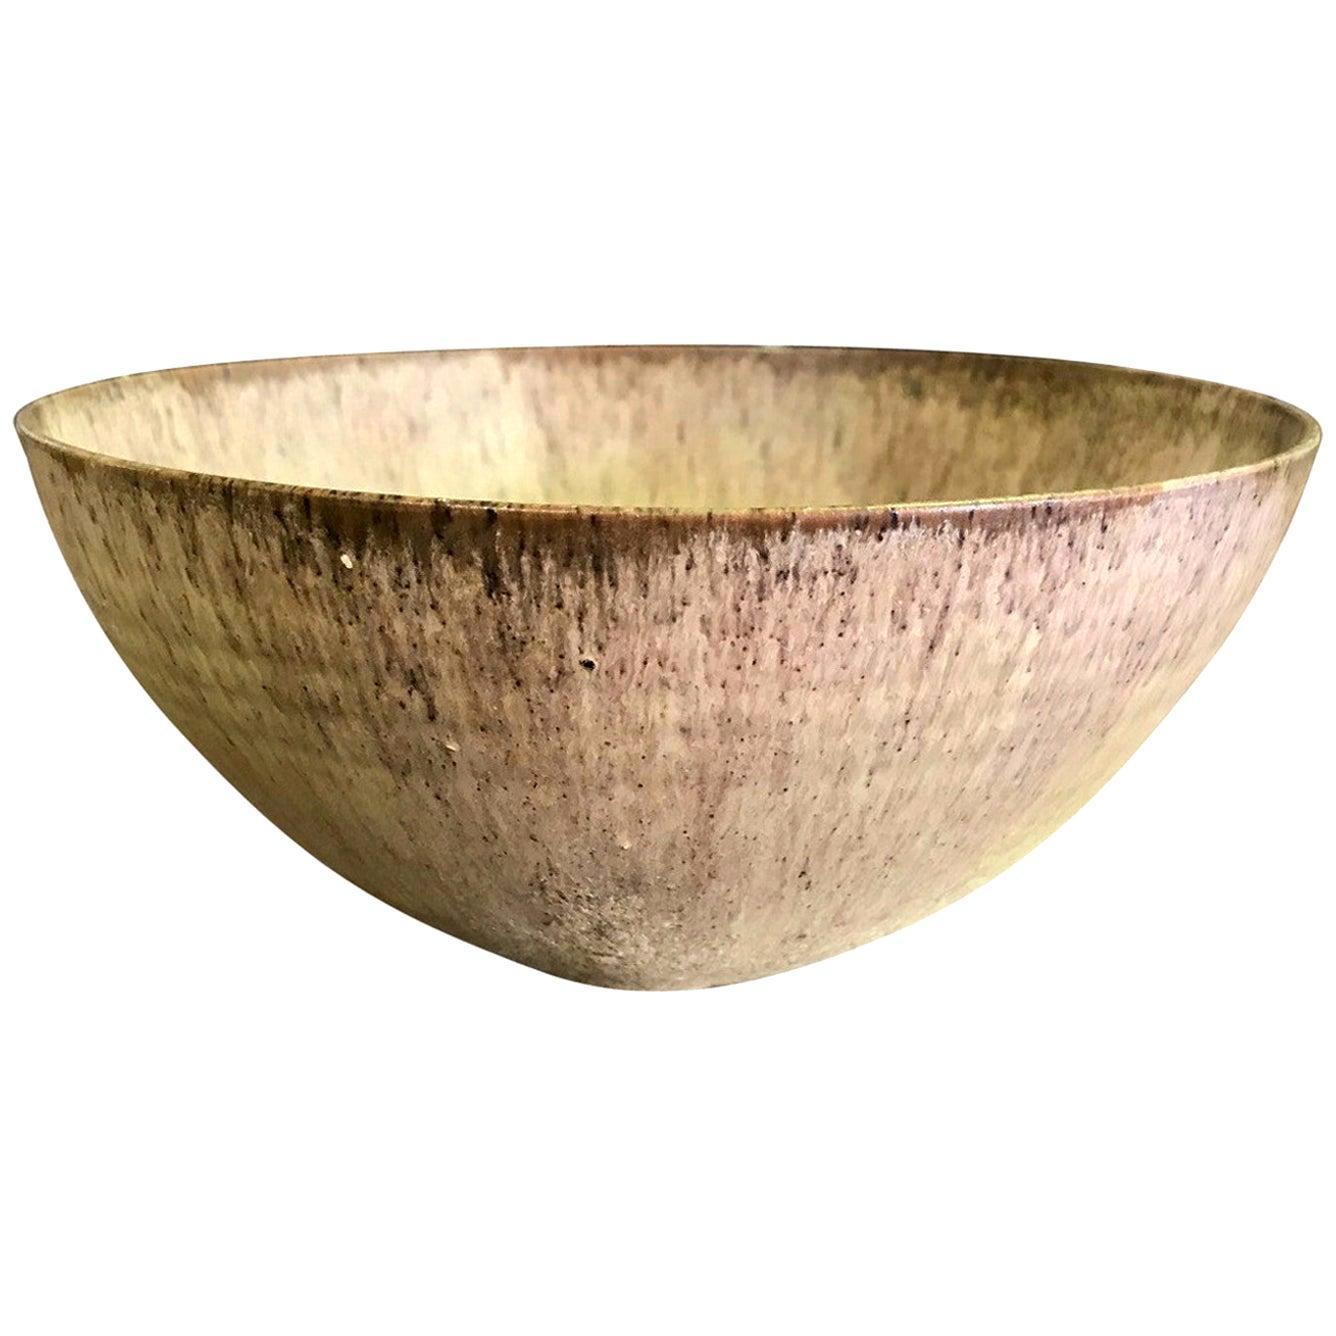 Otto & Gertrud Natzler Signed Early Volcanic Glazed Midcentury Large Bowl, 1936